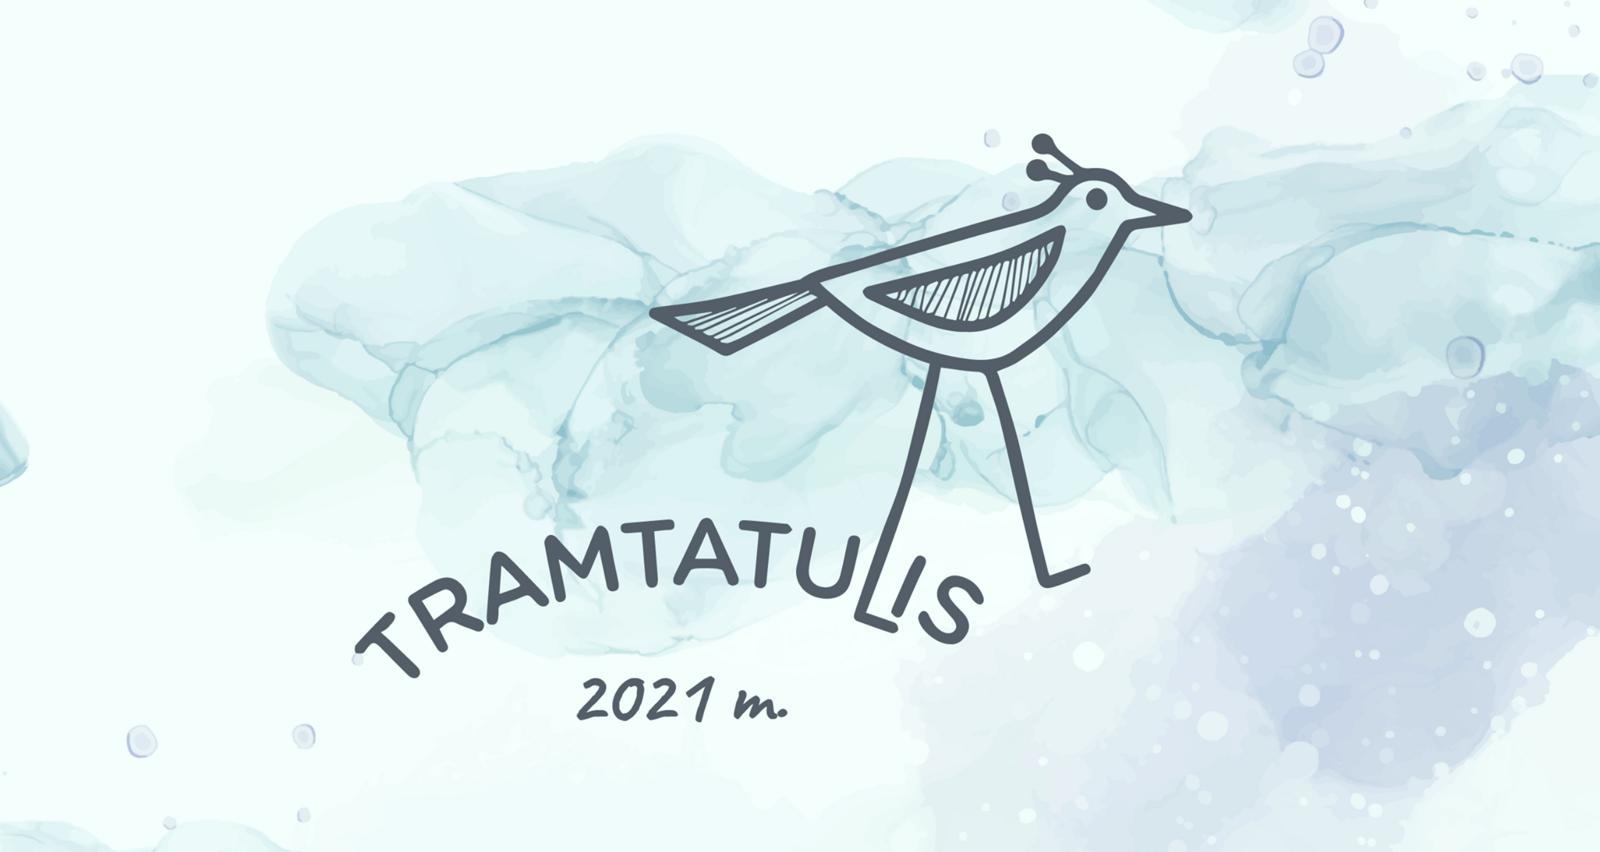 """Šiauliuose virtualiai organizuotas konkurso """"Tramtatulis"""" vietinis ratas"""